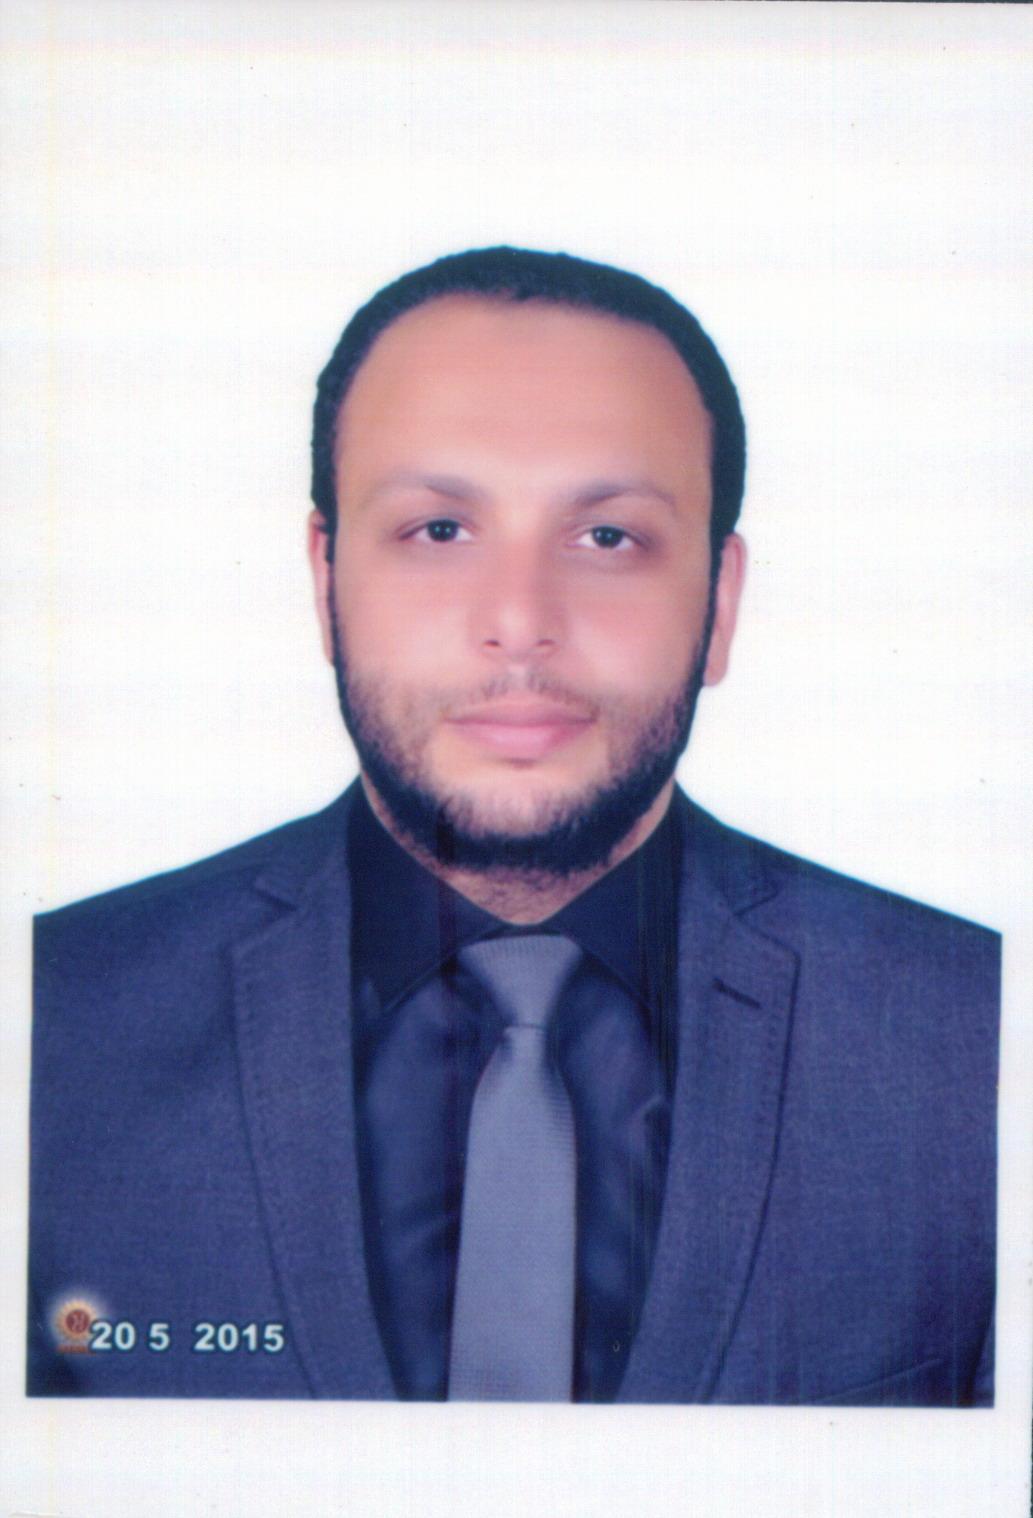 Sherif Fathy Eid El-Sayed El-Gioushy